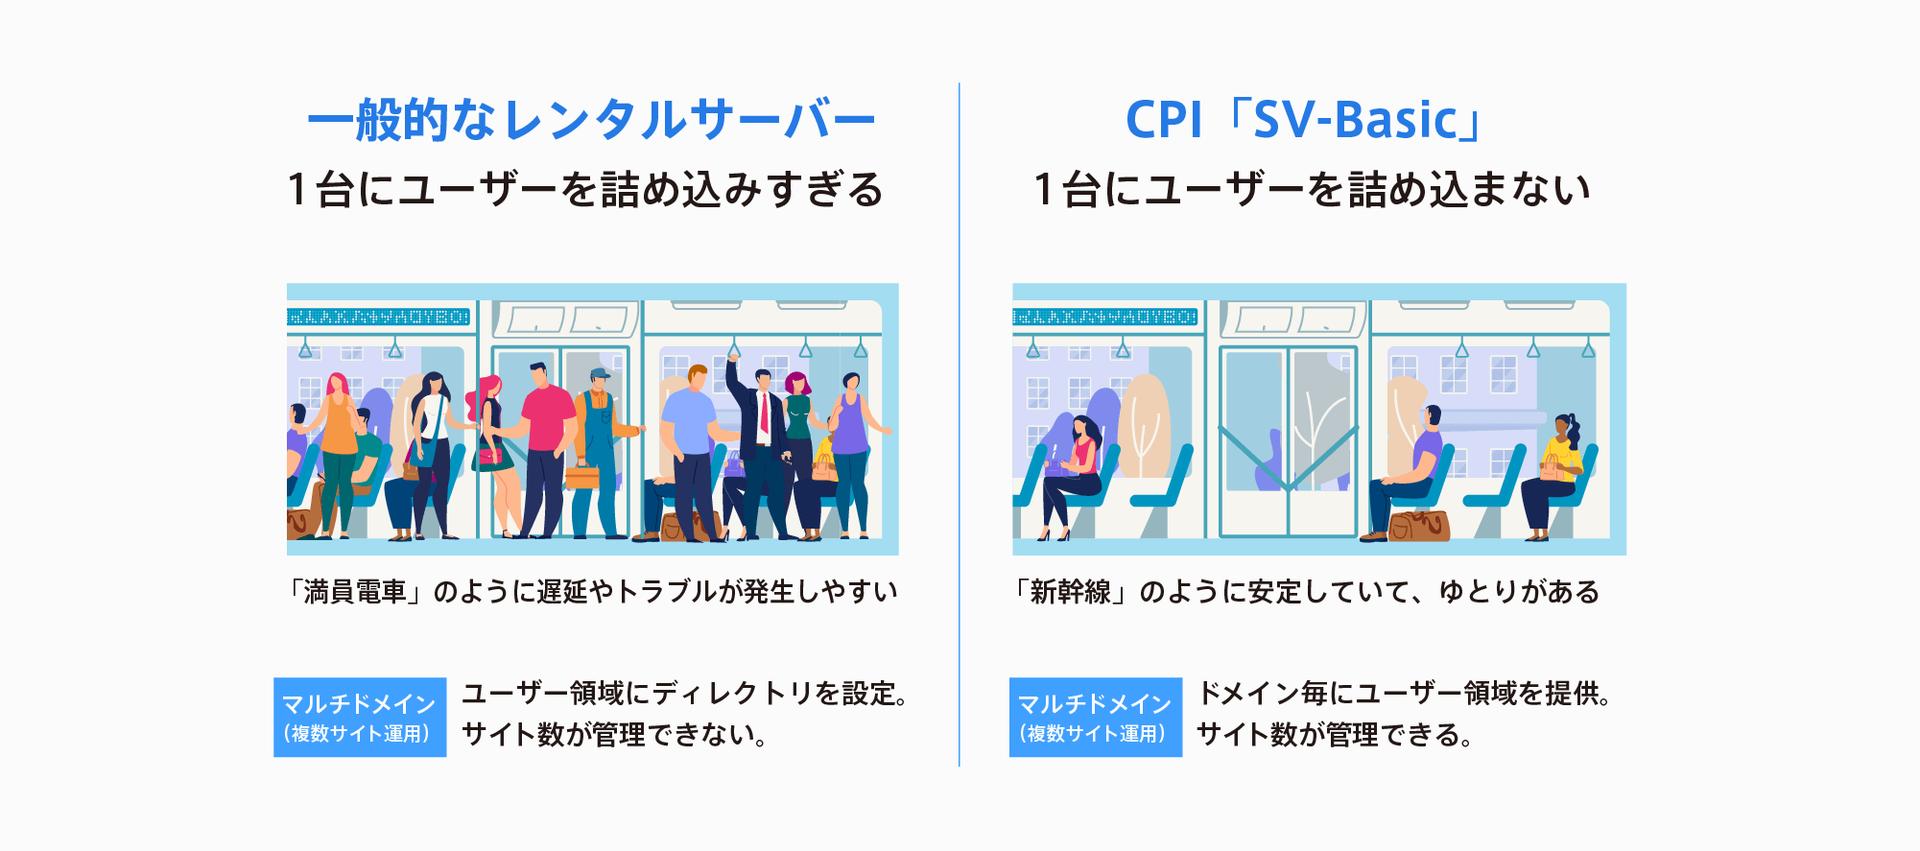 CPI共用サーバーの特徴とは